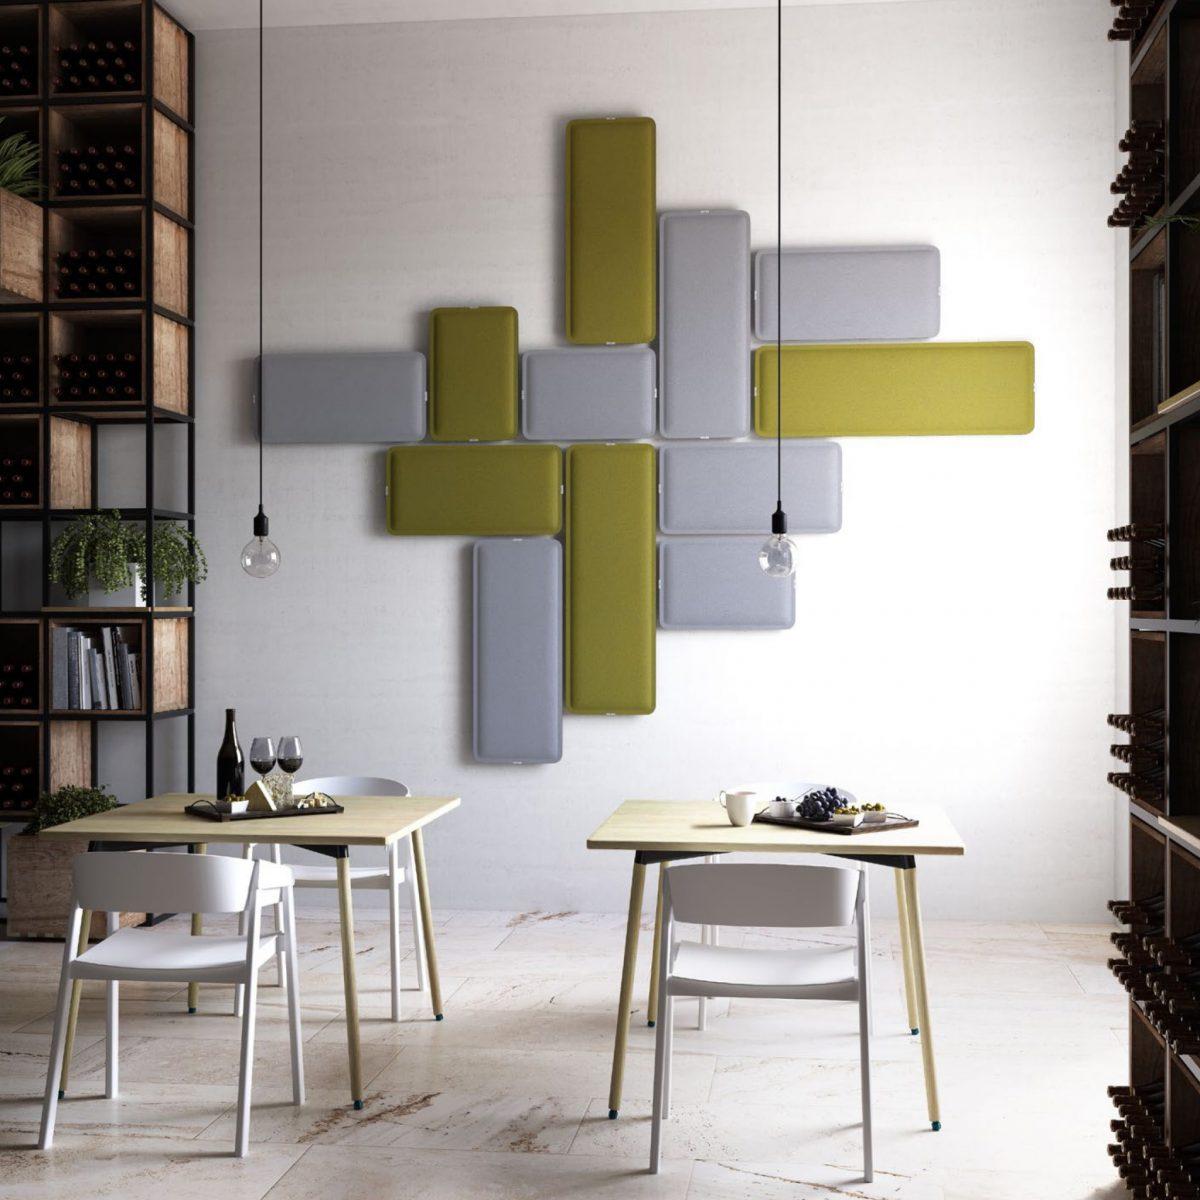 Pannelli per insonorizzazione acustica - Pannelli fonoassorbenti decorativi ...